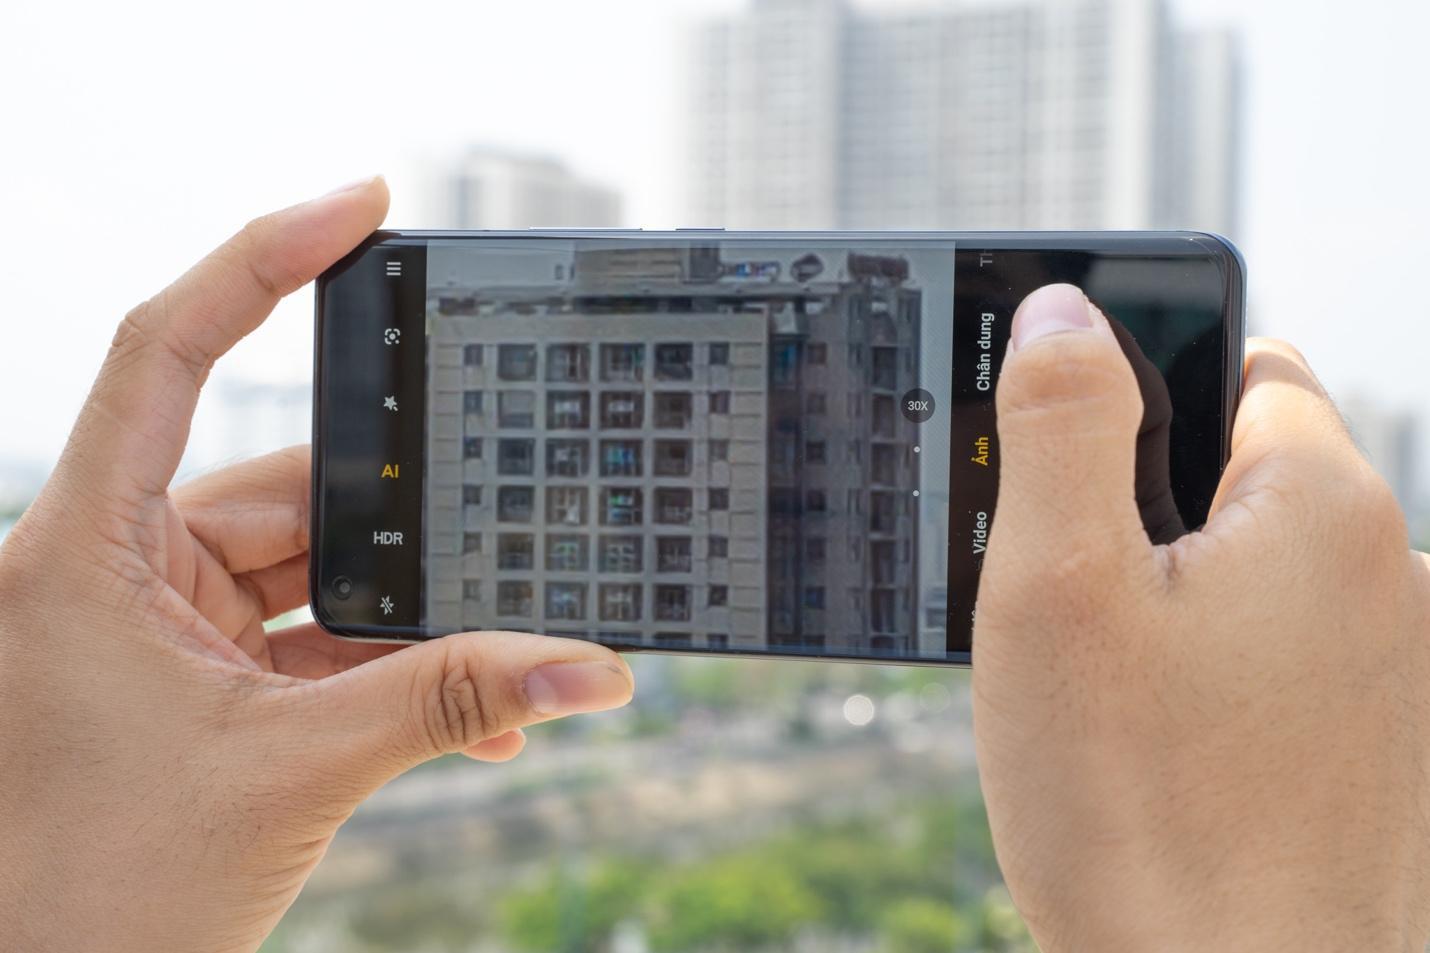 Mi 11 | 5G thắng lớn ngày đầu đặt hàng tại CellphoneS - Ảnh 2.